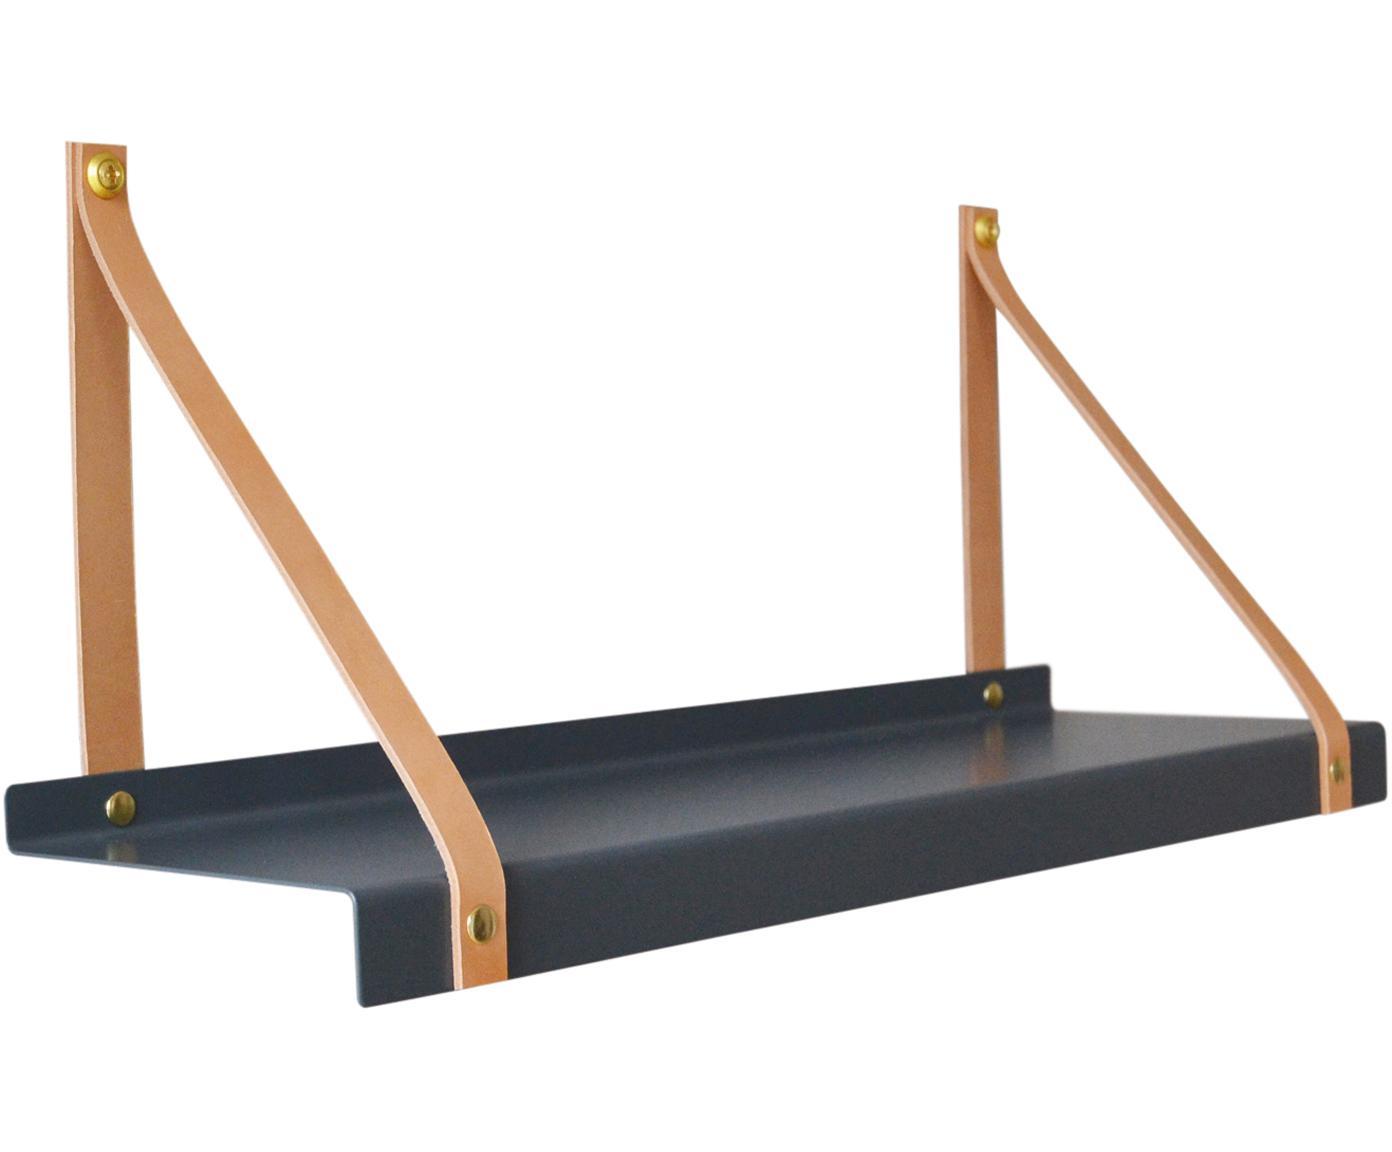 Półka ścienna Shelfie, Szary, brązowy, S 50 x W 23 cm